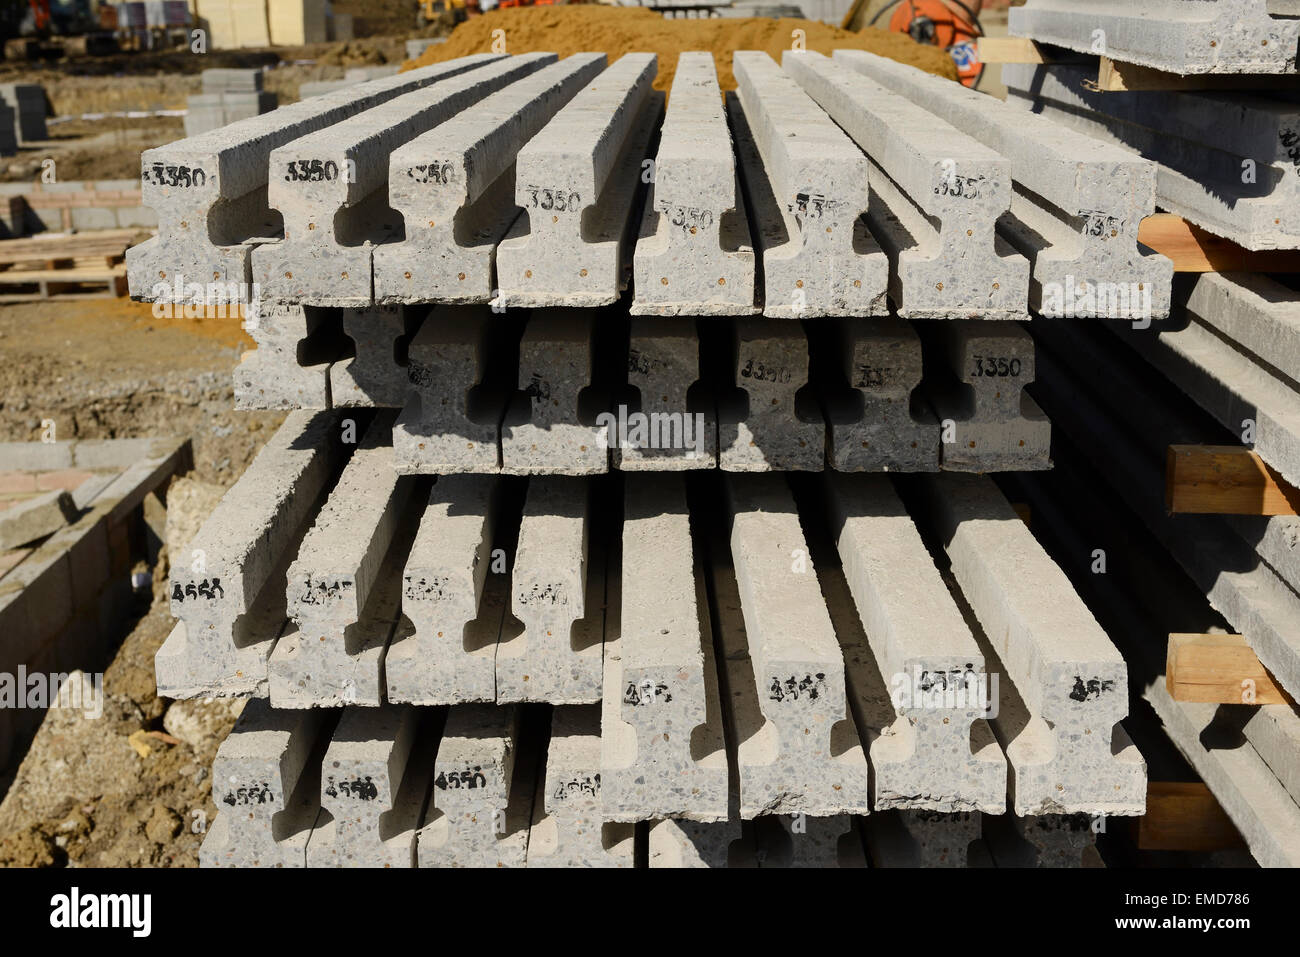 Fußboden Querschnitt ~ Stahlbetonbalken für einen strahl und block fußboden auf einer